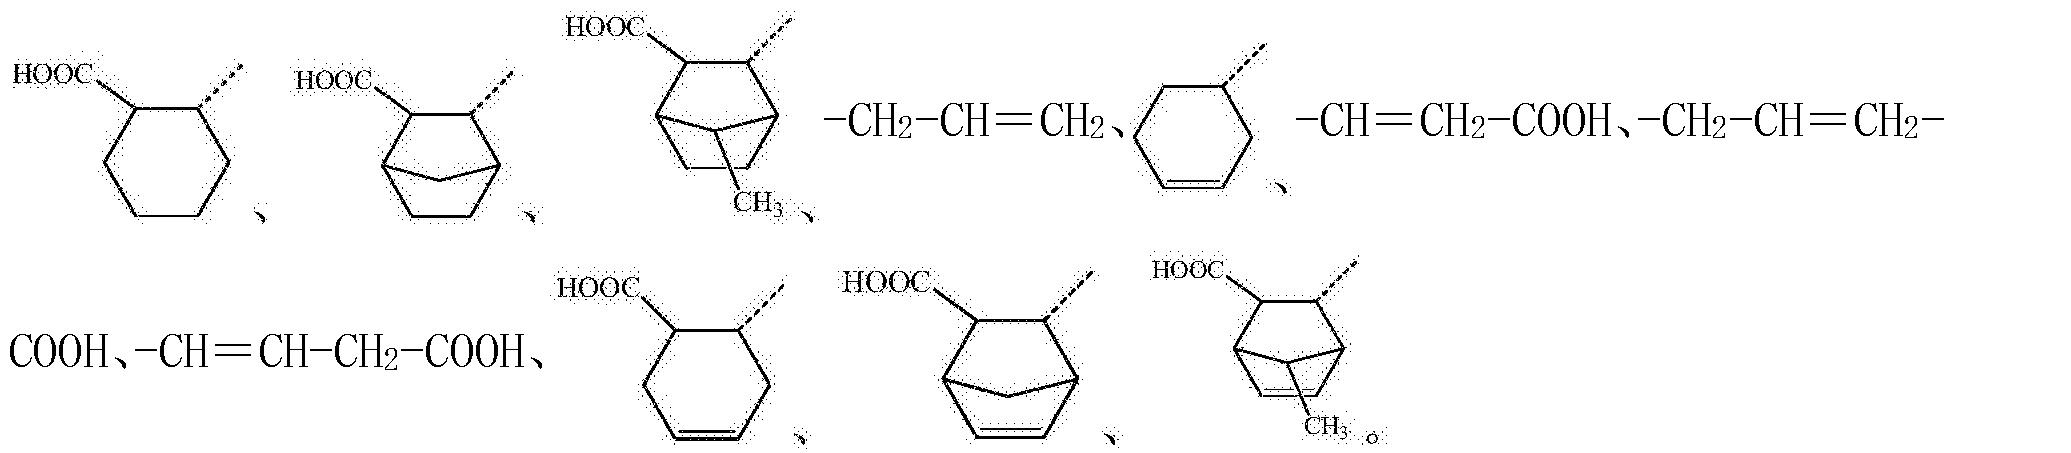 Figure CN106634881BD00152